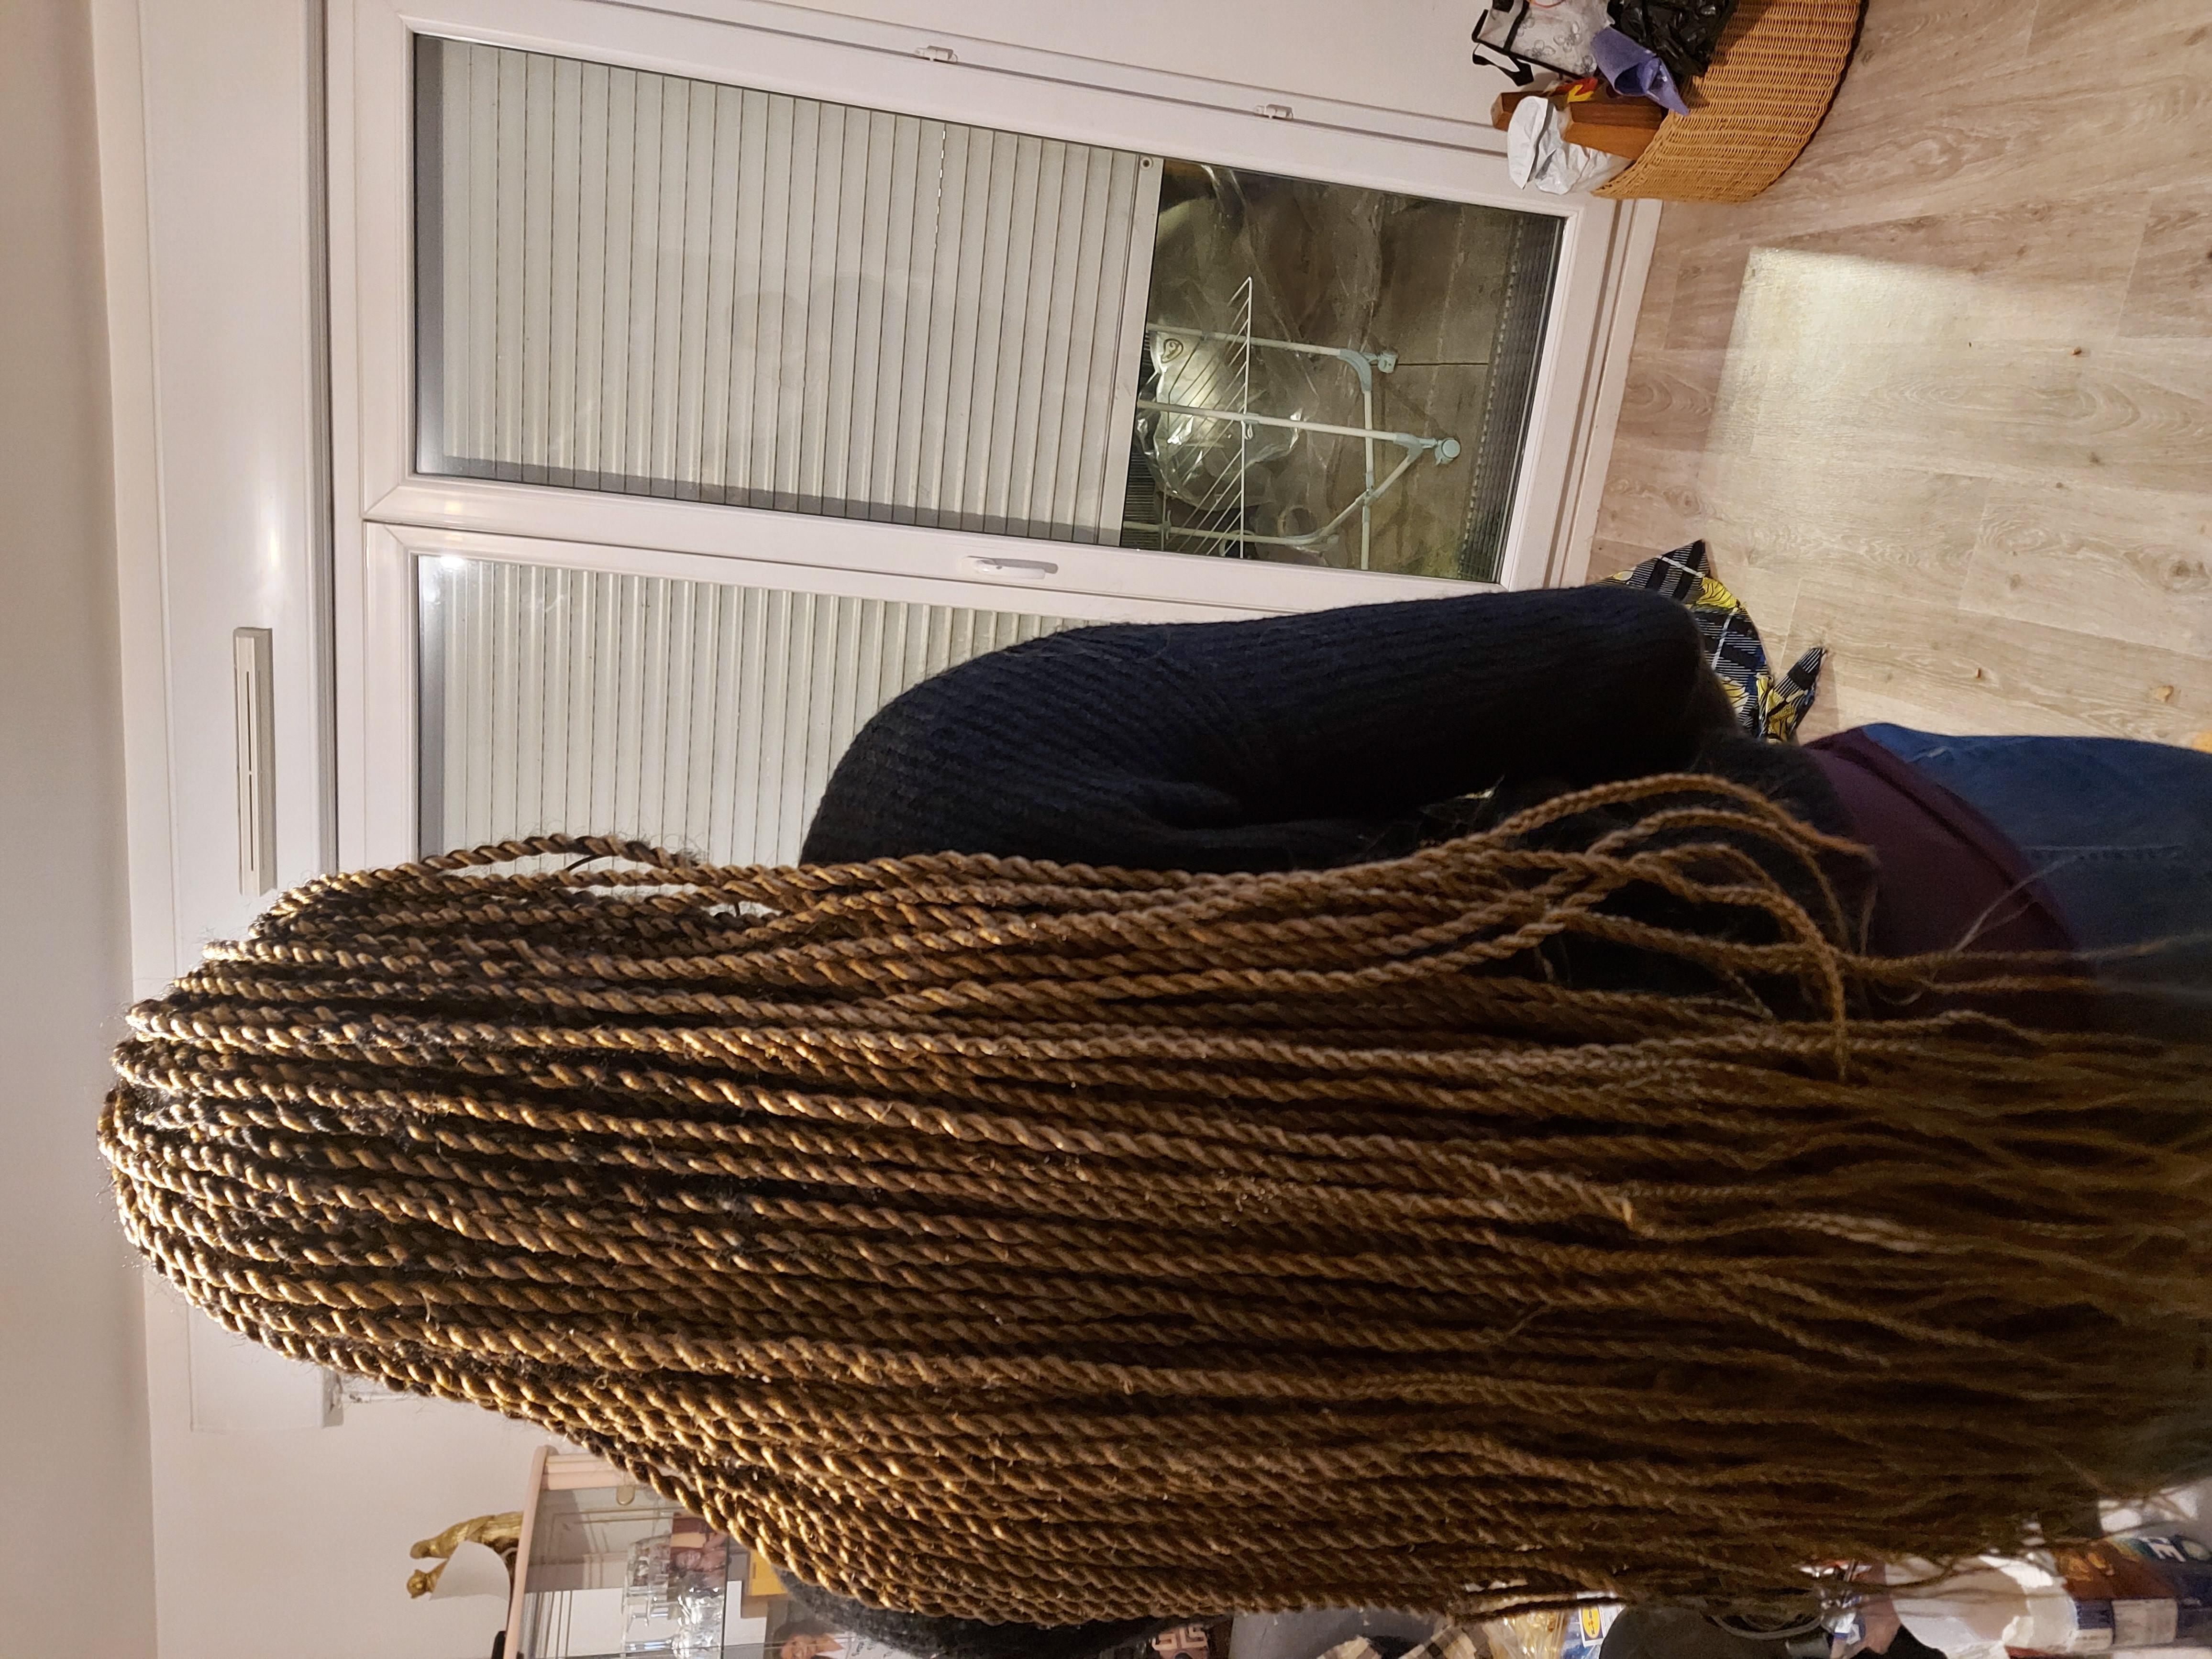 salon de coiffure afro tresse tresses box braids crochet braids vanilles tissages paris 75 77 78 91 92 93 94 95 OBAQSBQE